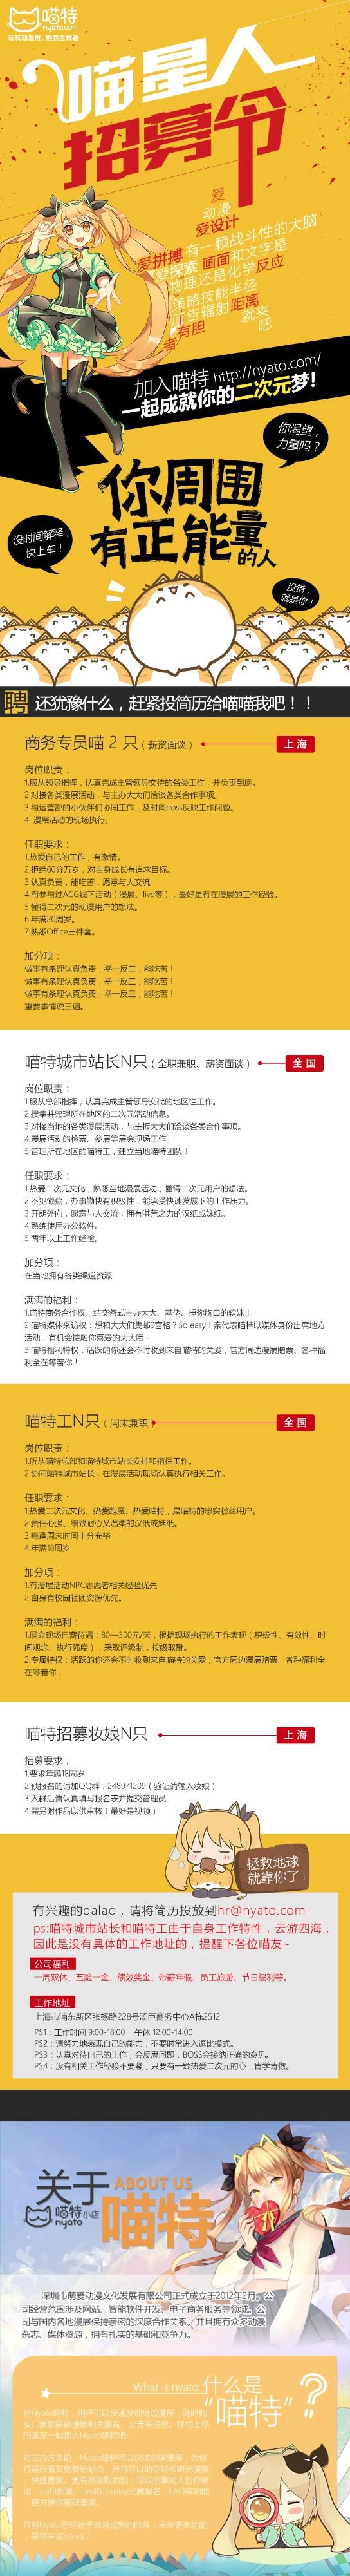 喵特招聘上海(4).jpg